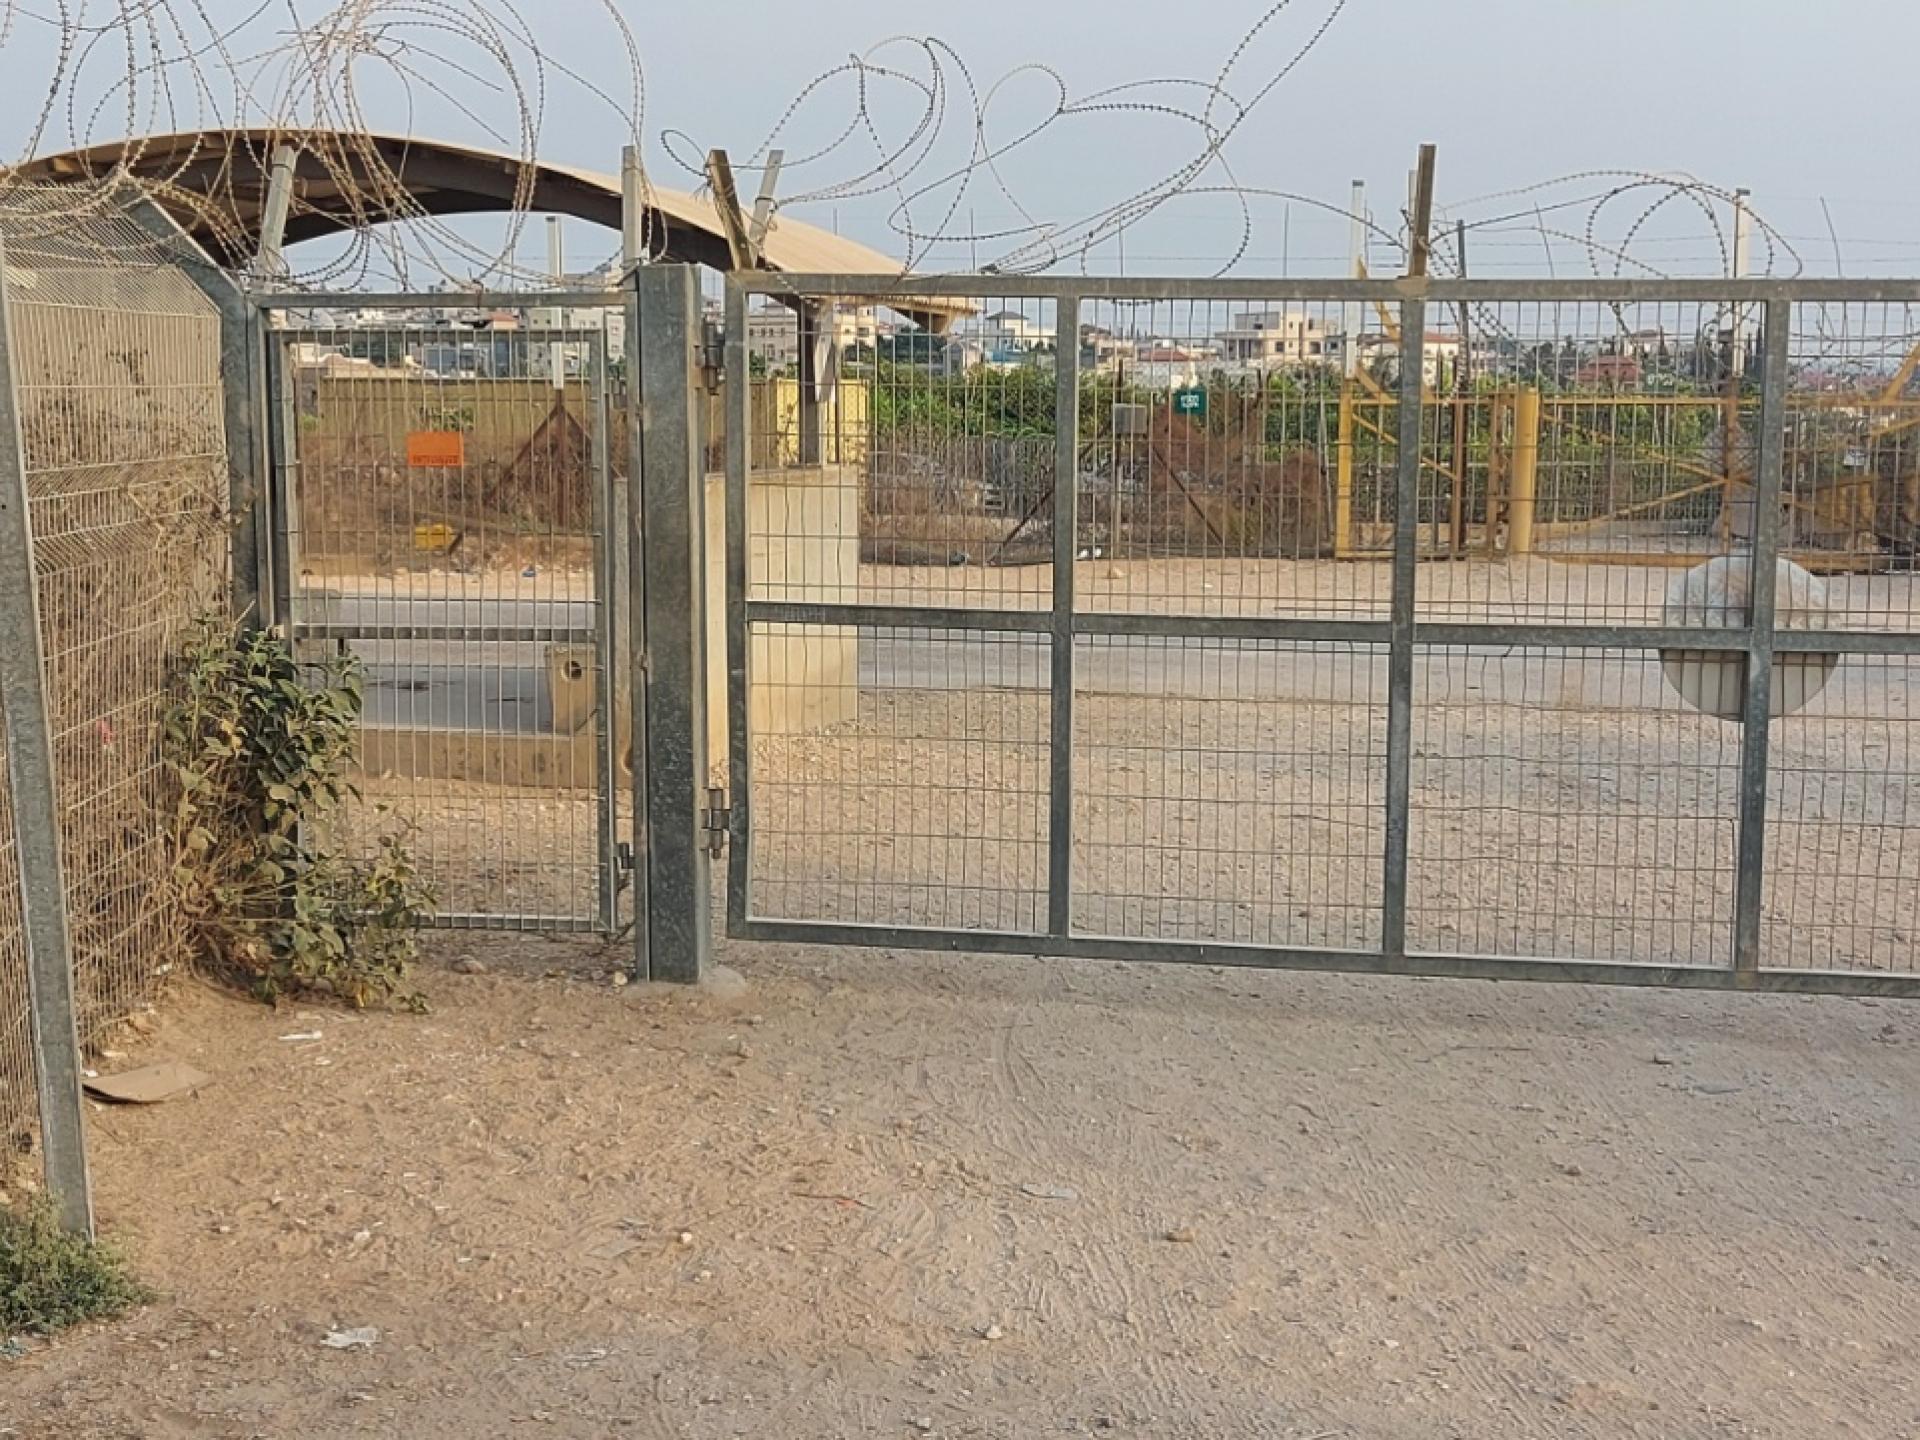 שער המחסום סגור